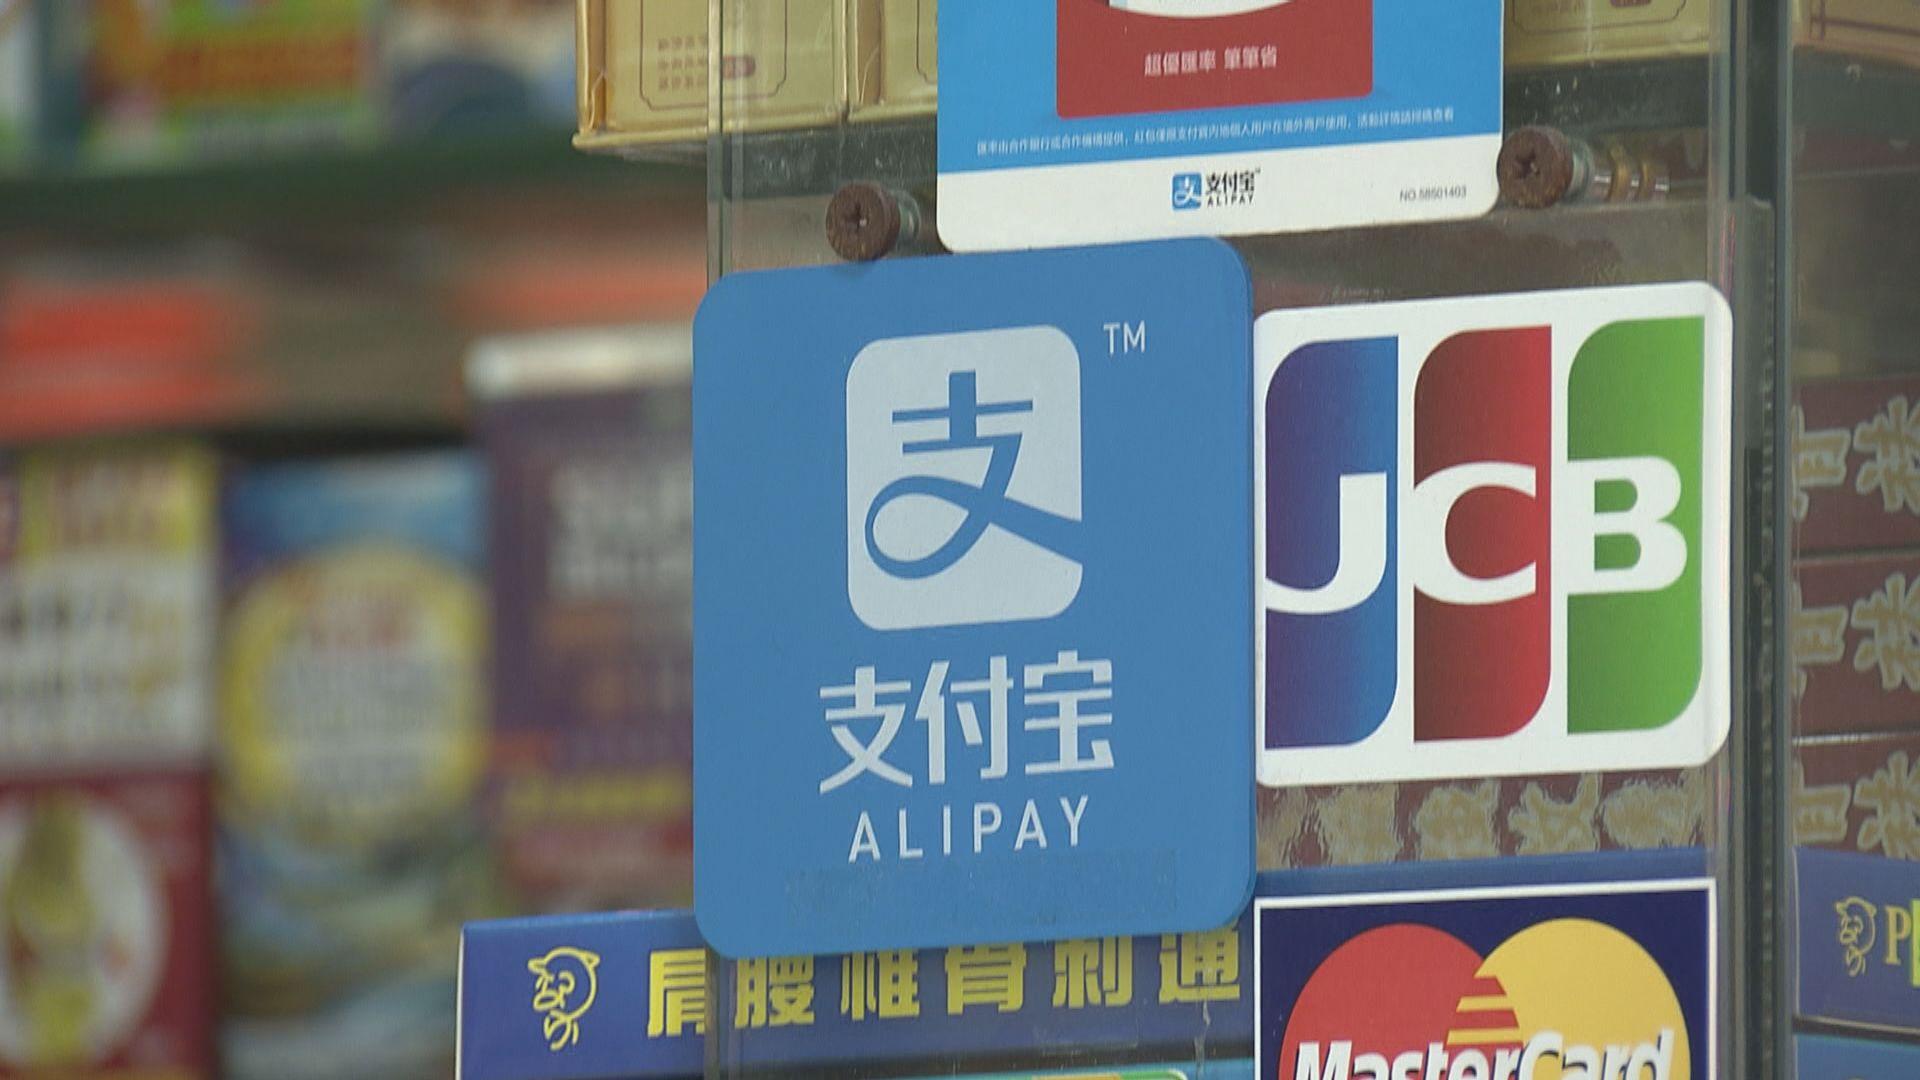 支付寶香港、八達通等四間營辦商將助發放電子消費券